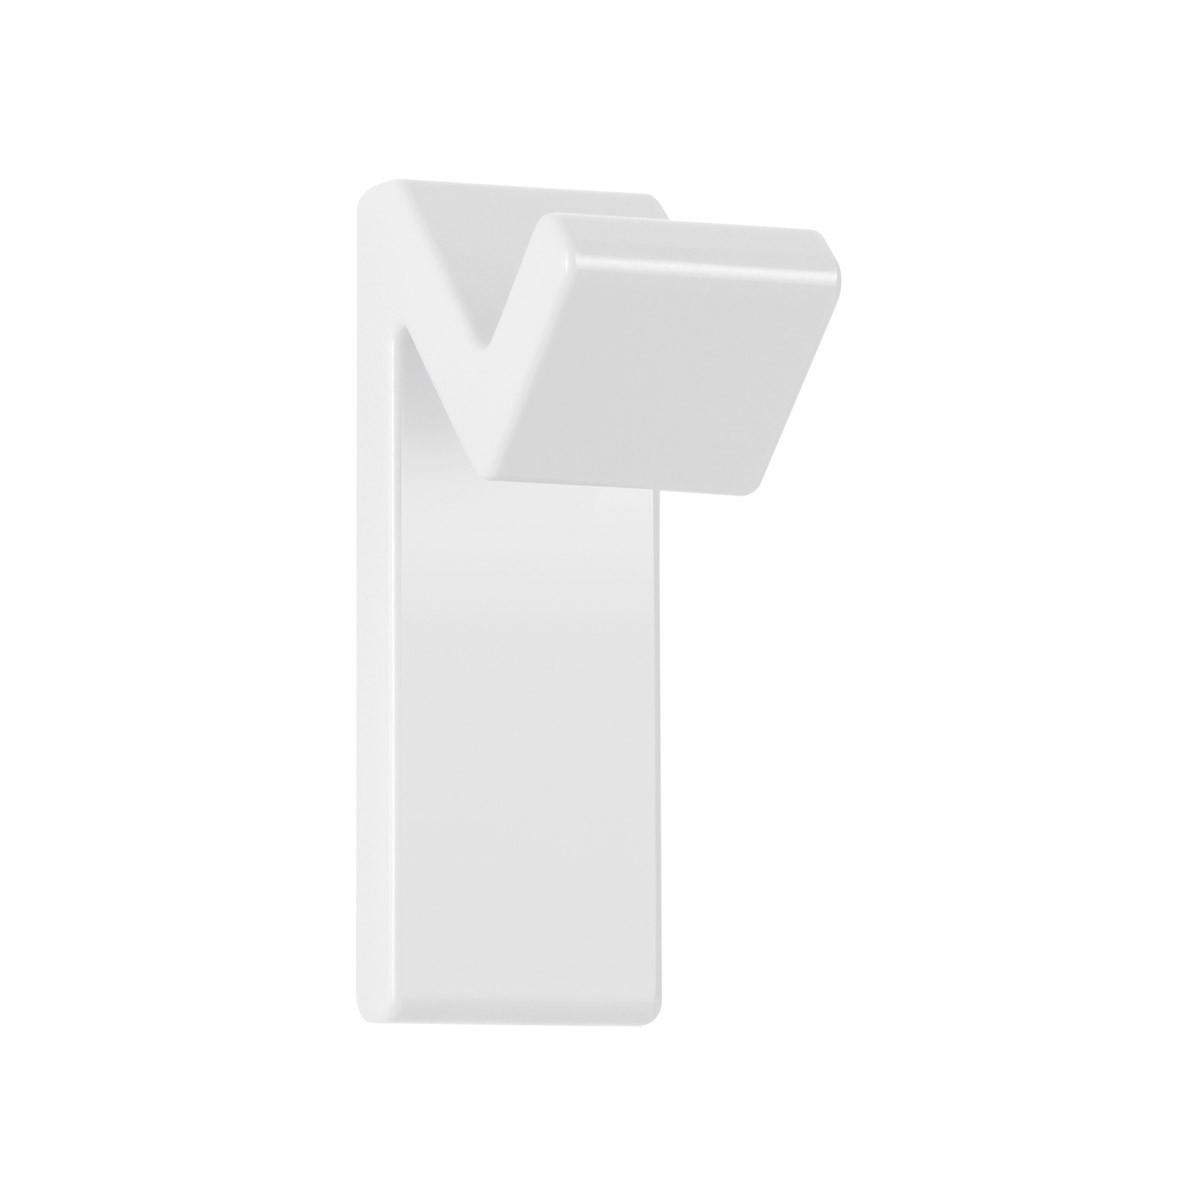 Κρεμαστράκι Spirella Flash 05207 White